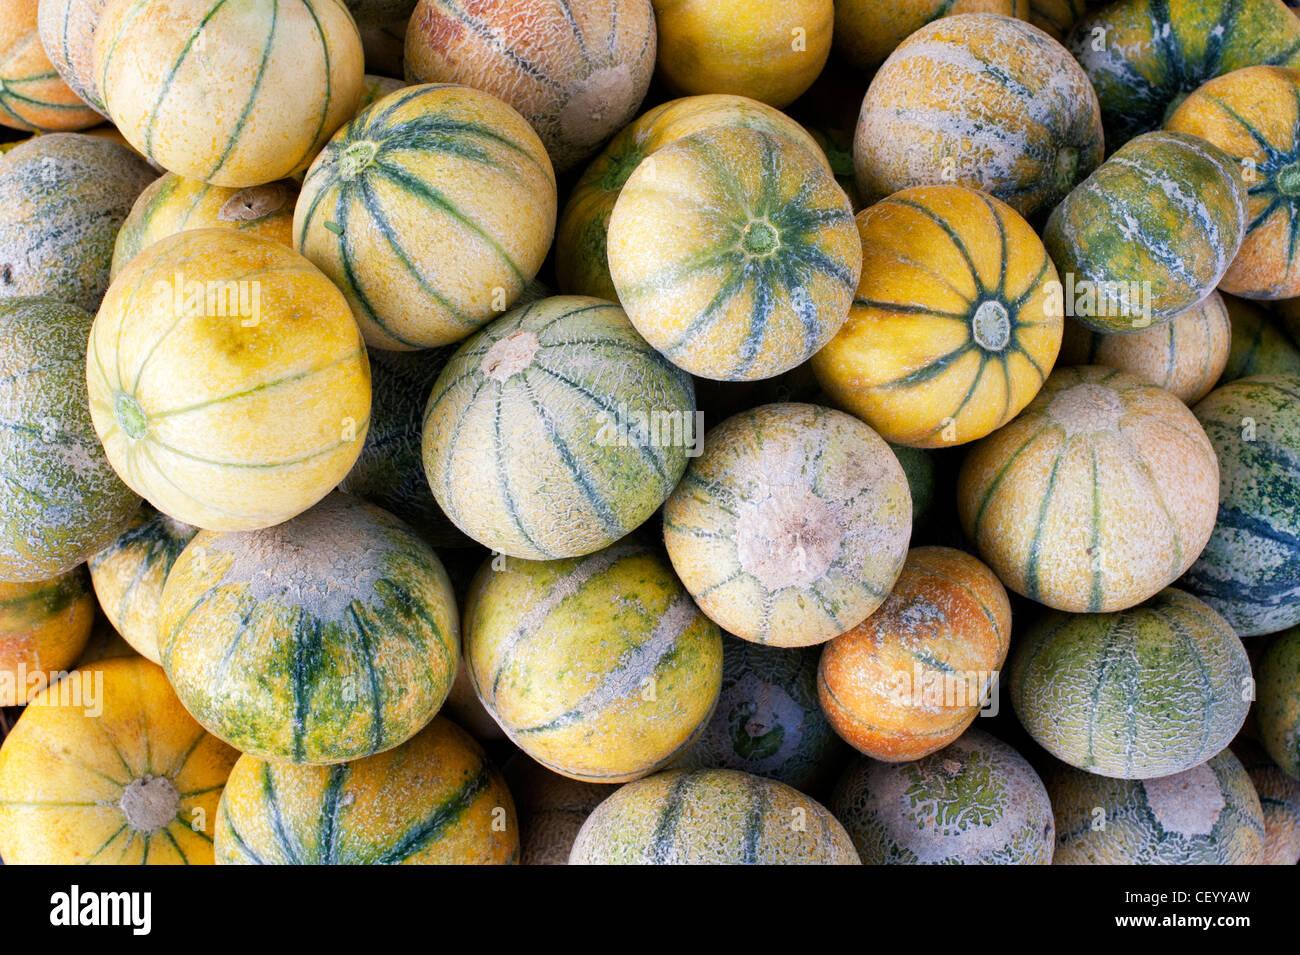 Meloni freschi per la vendita in un mercato indiano. Andhra Pradesh, India Immagini Stock